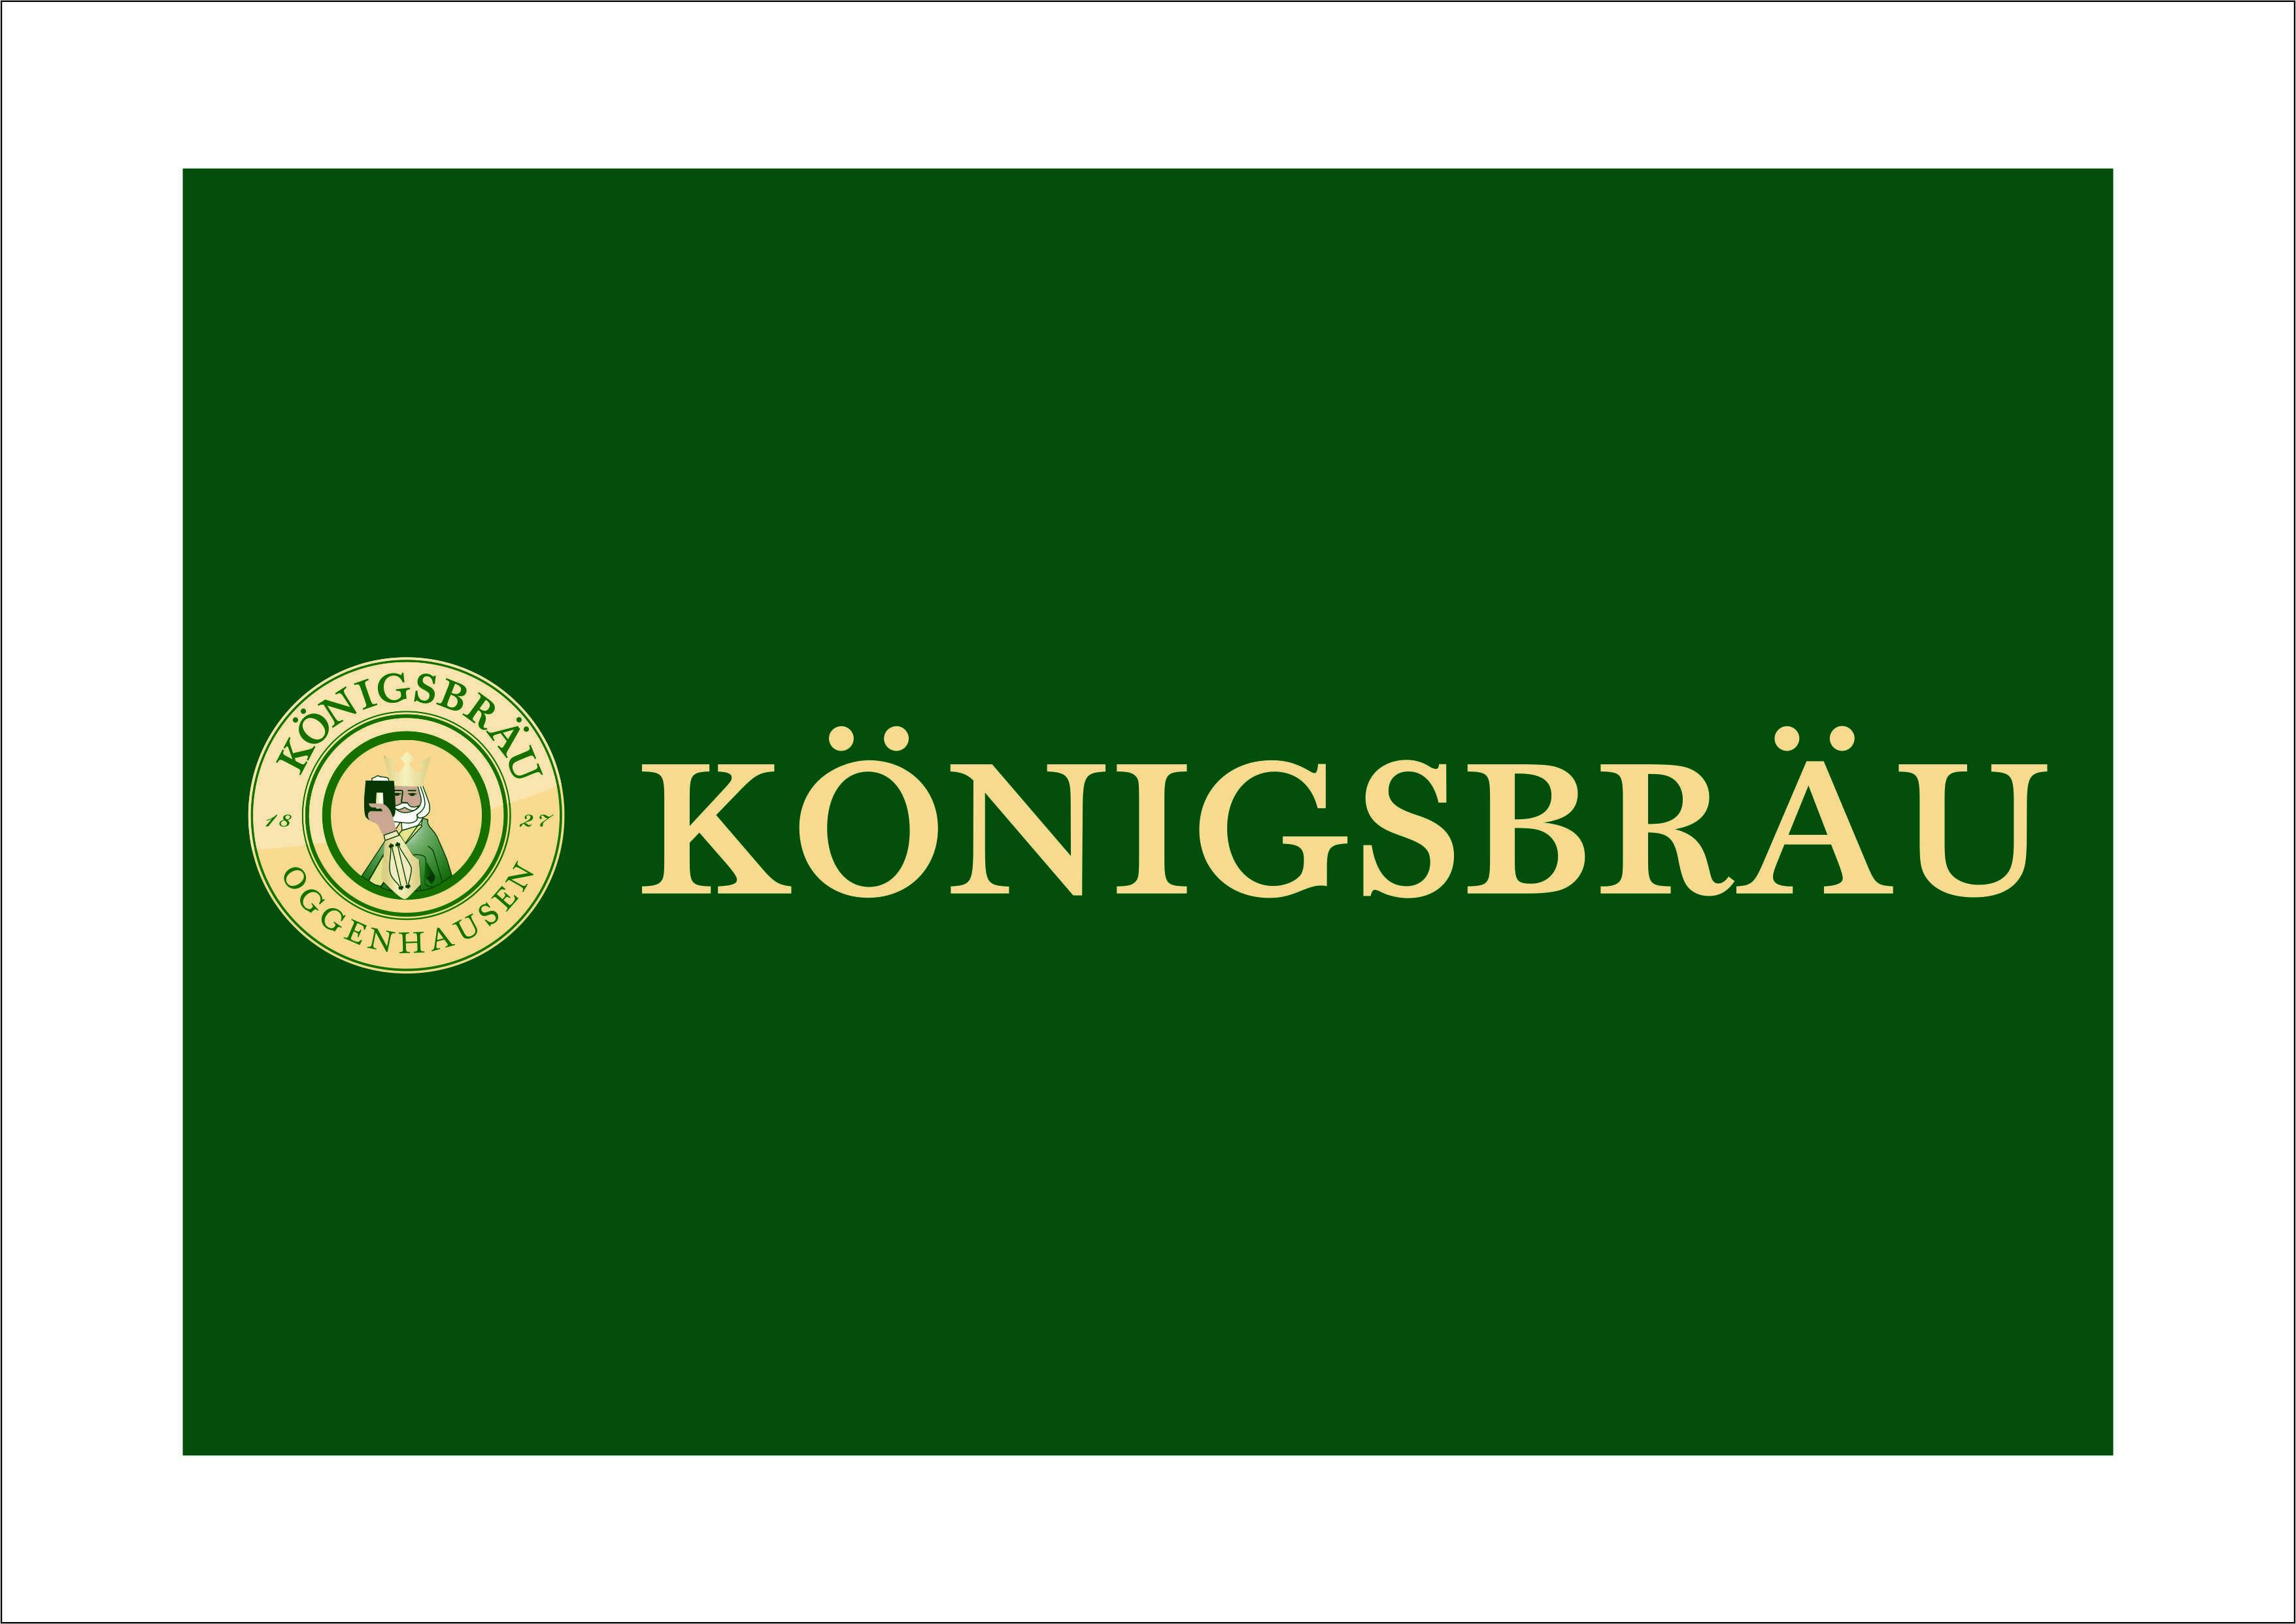 Königsbräu Majer GmbH & Co.KG